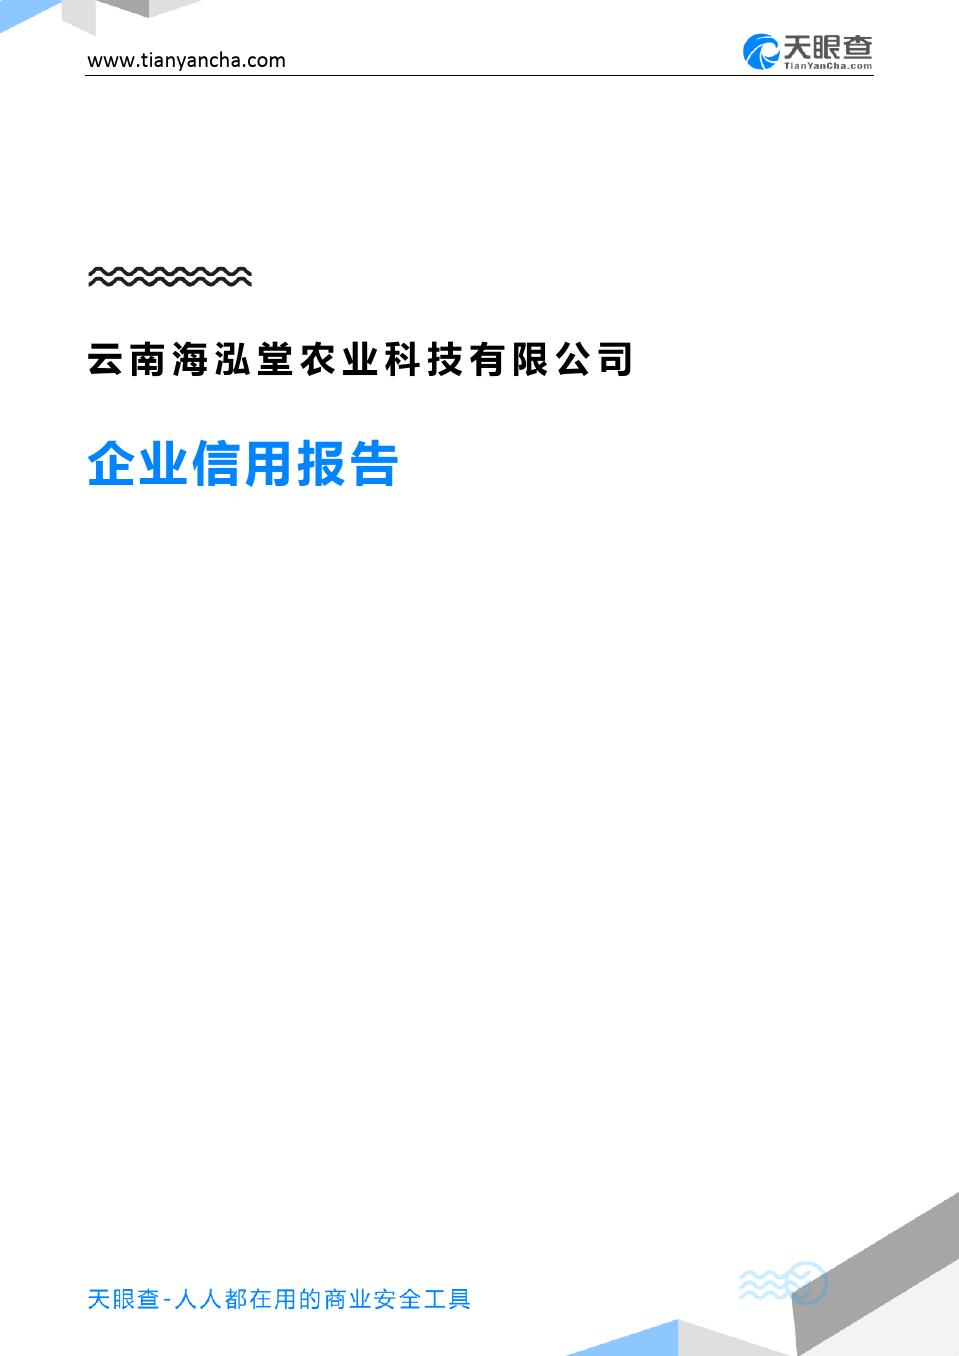 云南海泓堂农业科技有限公司(企业信用报告)- 天眼查